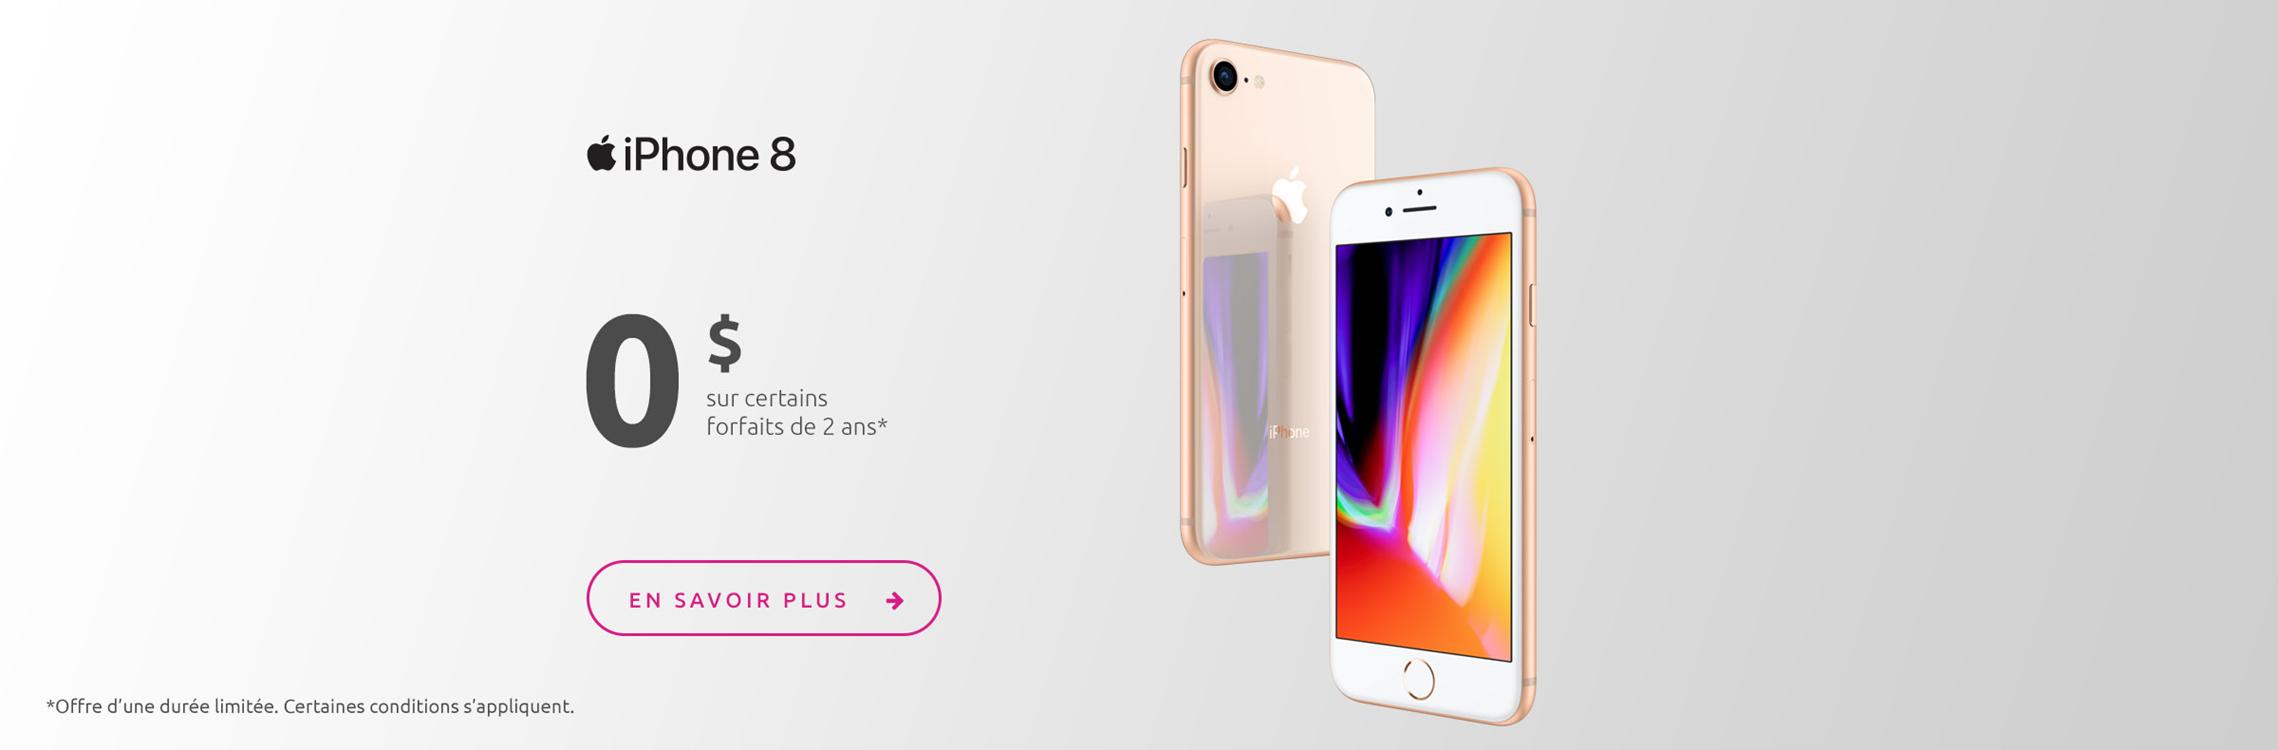 iPhone 8 $0 sur certains forfaits de 2 ans